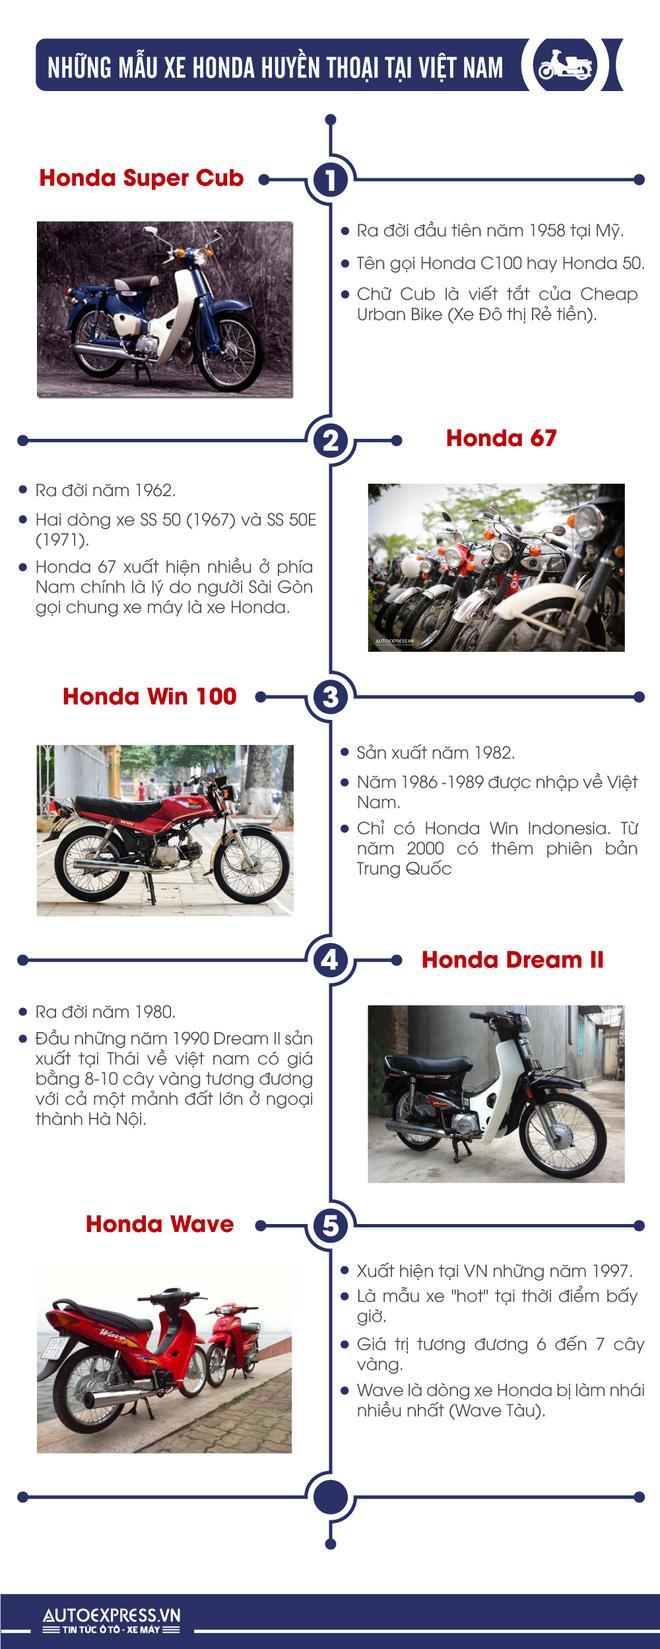 [Infographic] Những mẫu xe Honda huyền thoại tại Việt Nam - Ảnh 1.